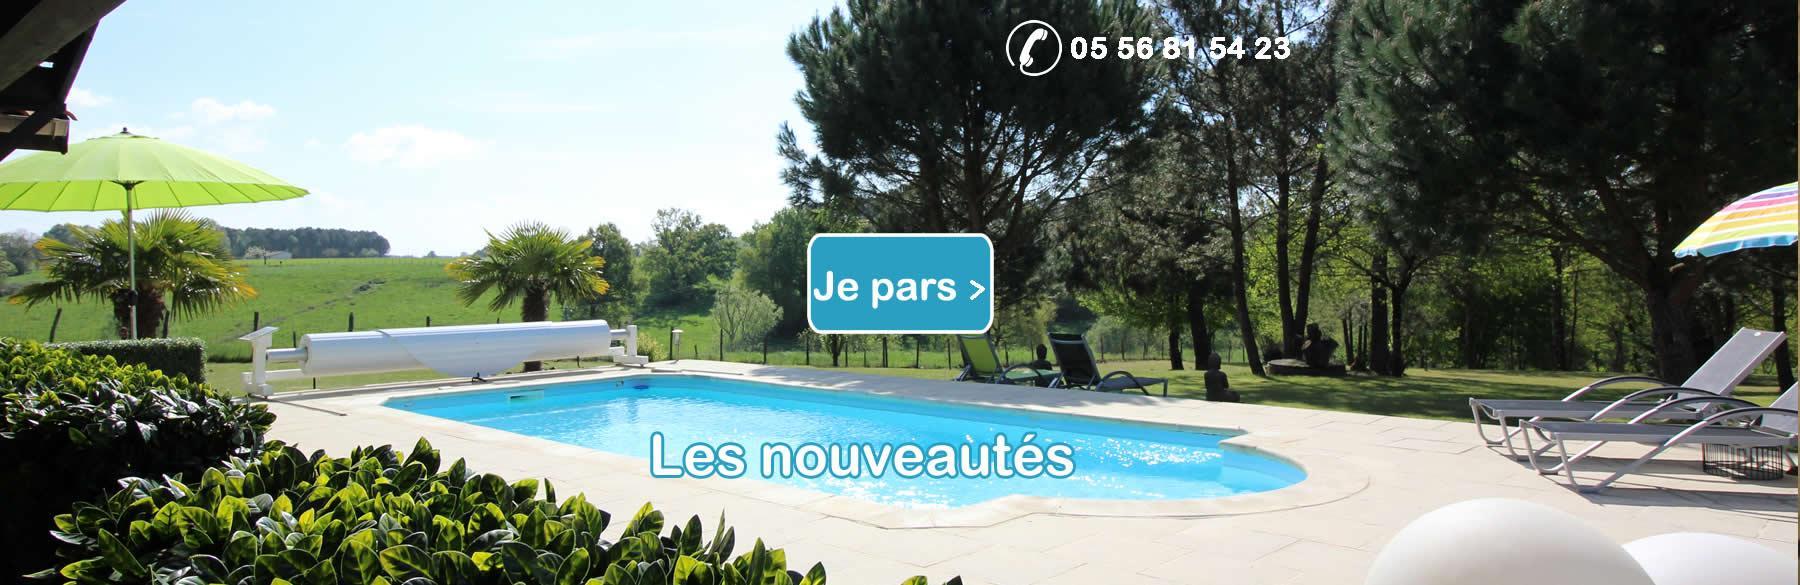 Marvelous Code Promo Gite De France #9: Les Nouveaux Hébergements Gîtes De France Gironde